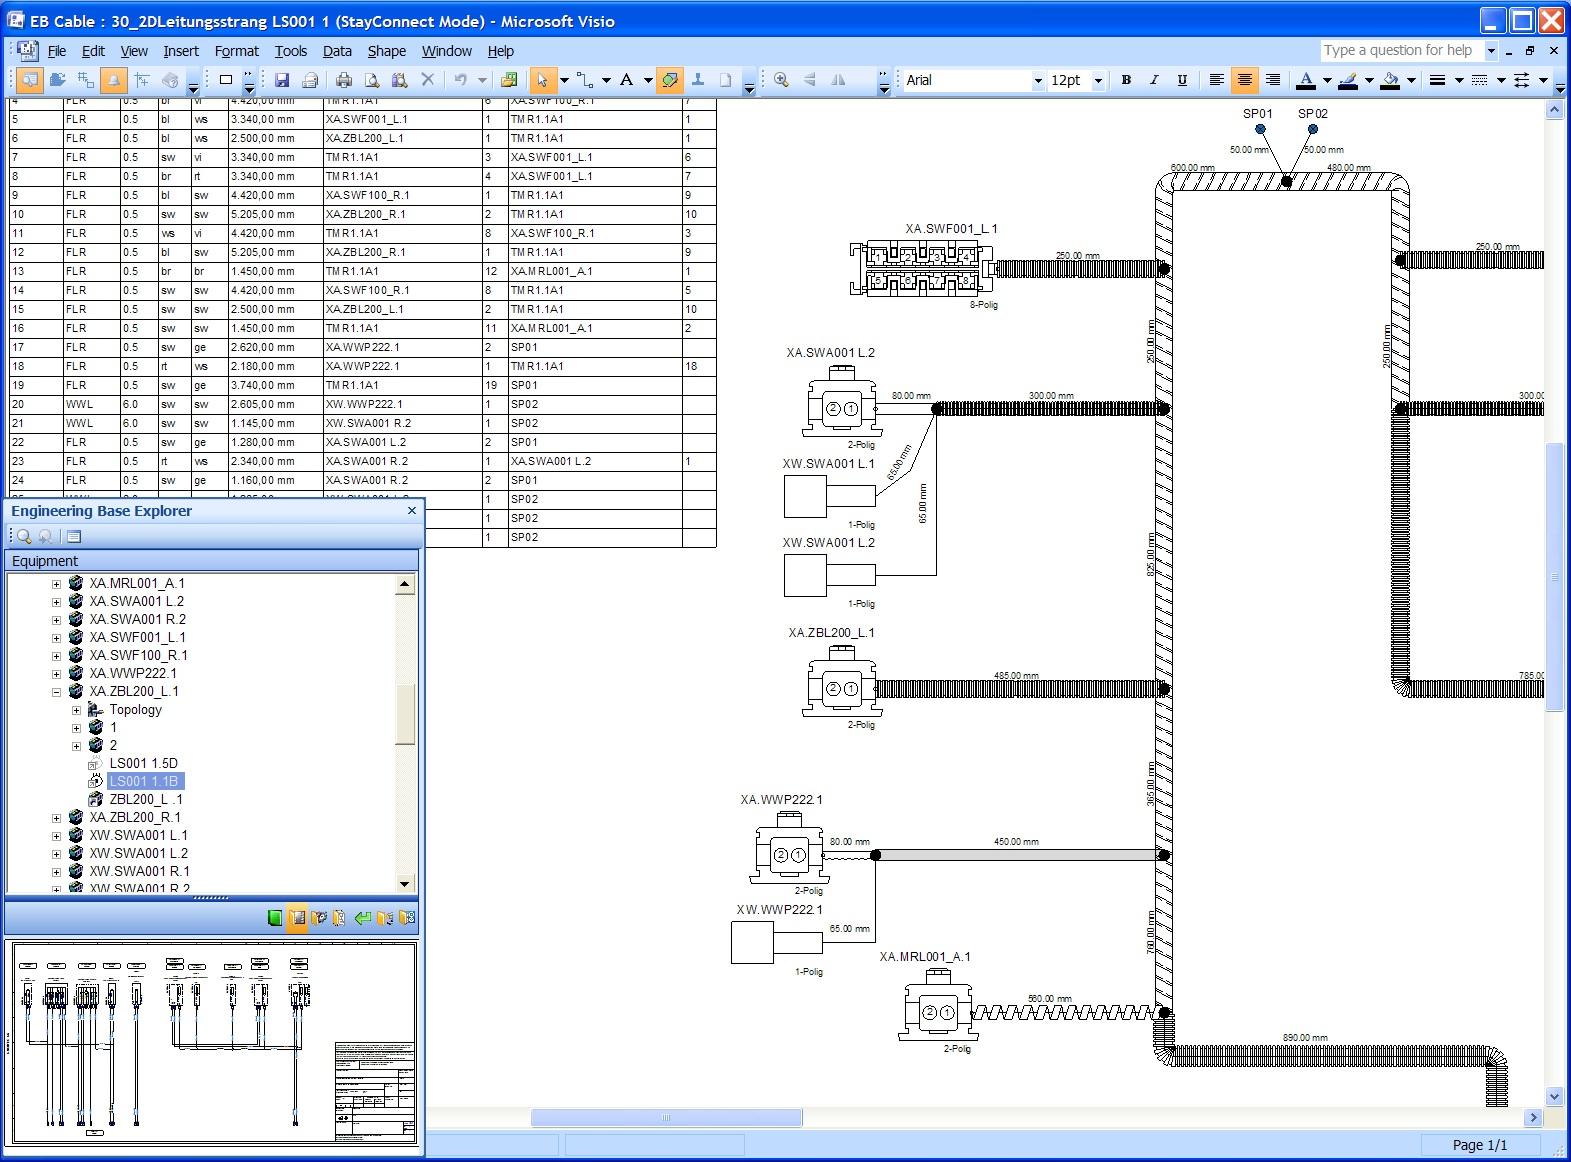 线束研发流程图 microsoft word 文档